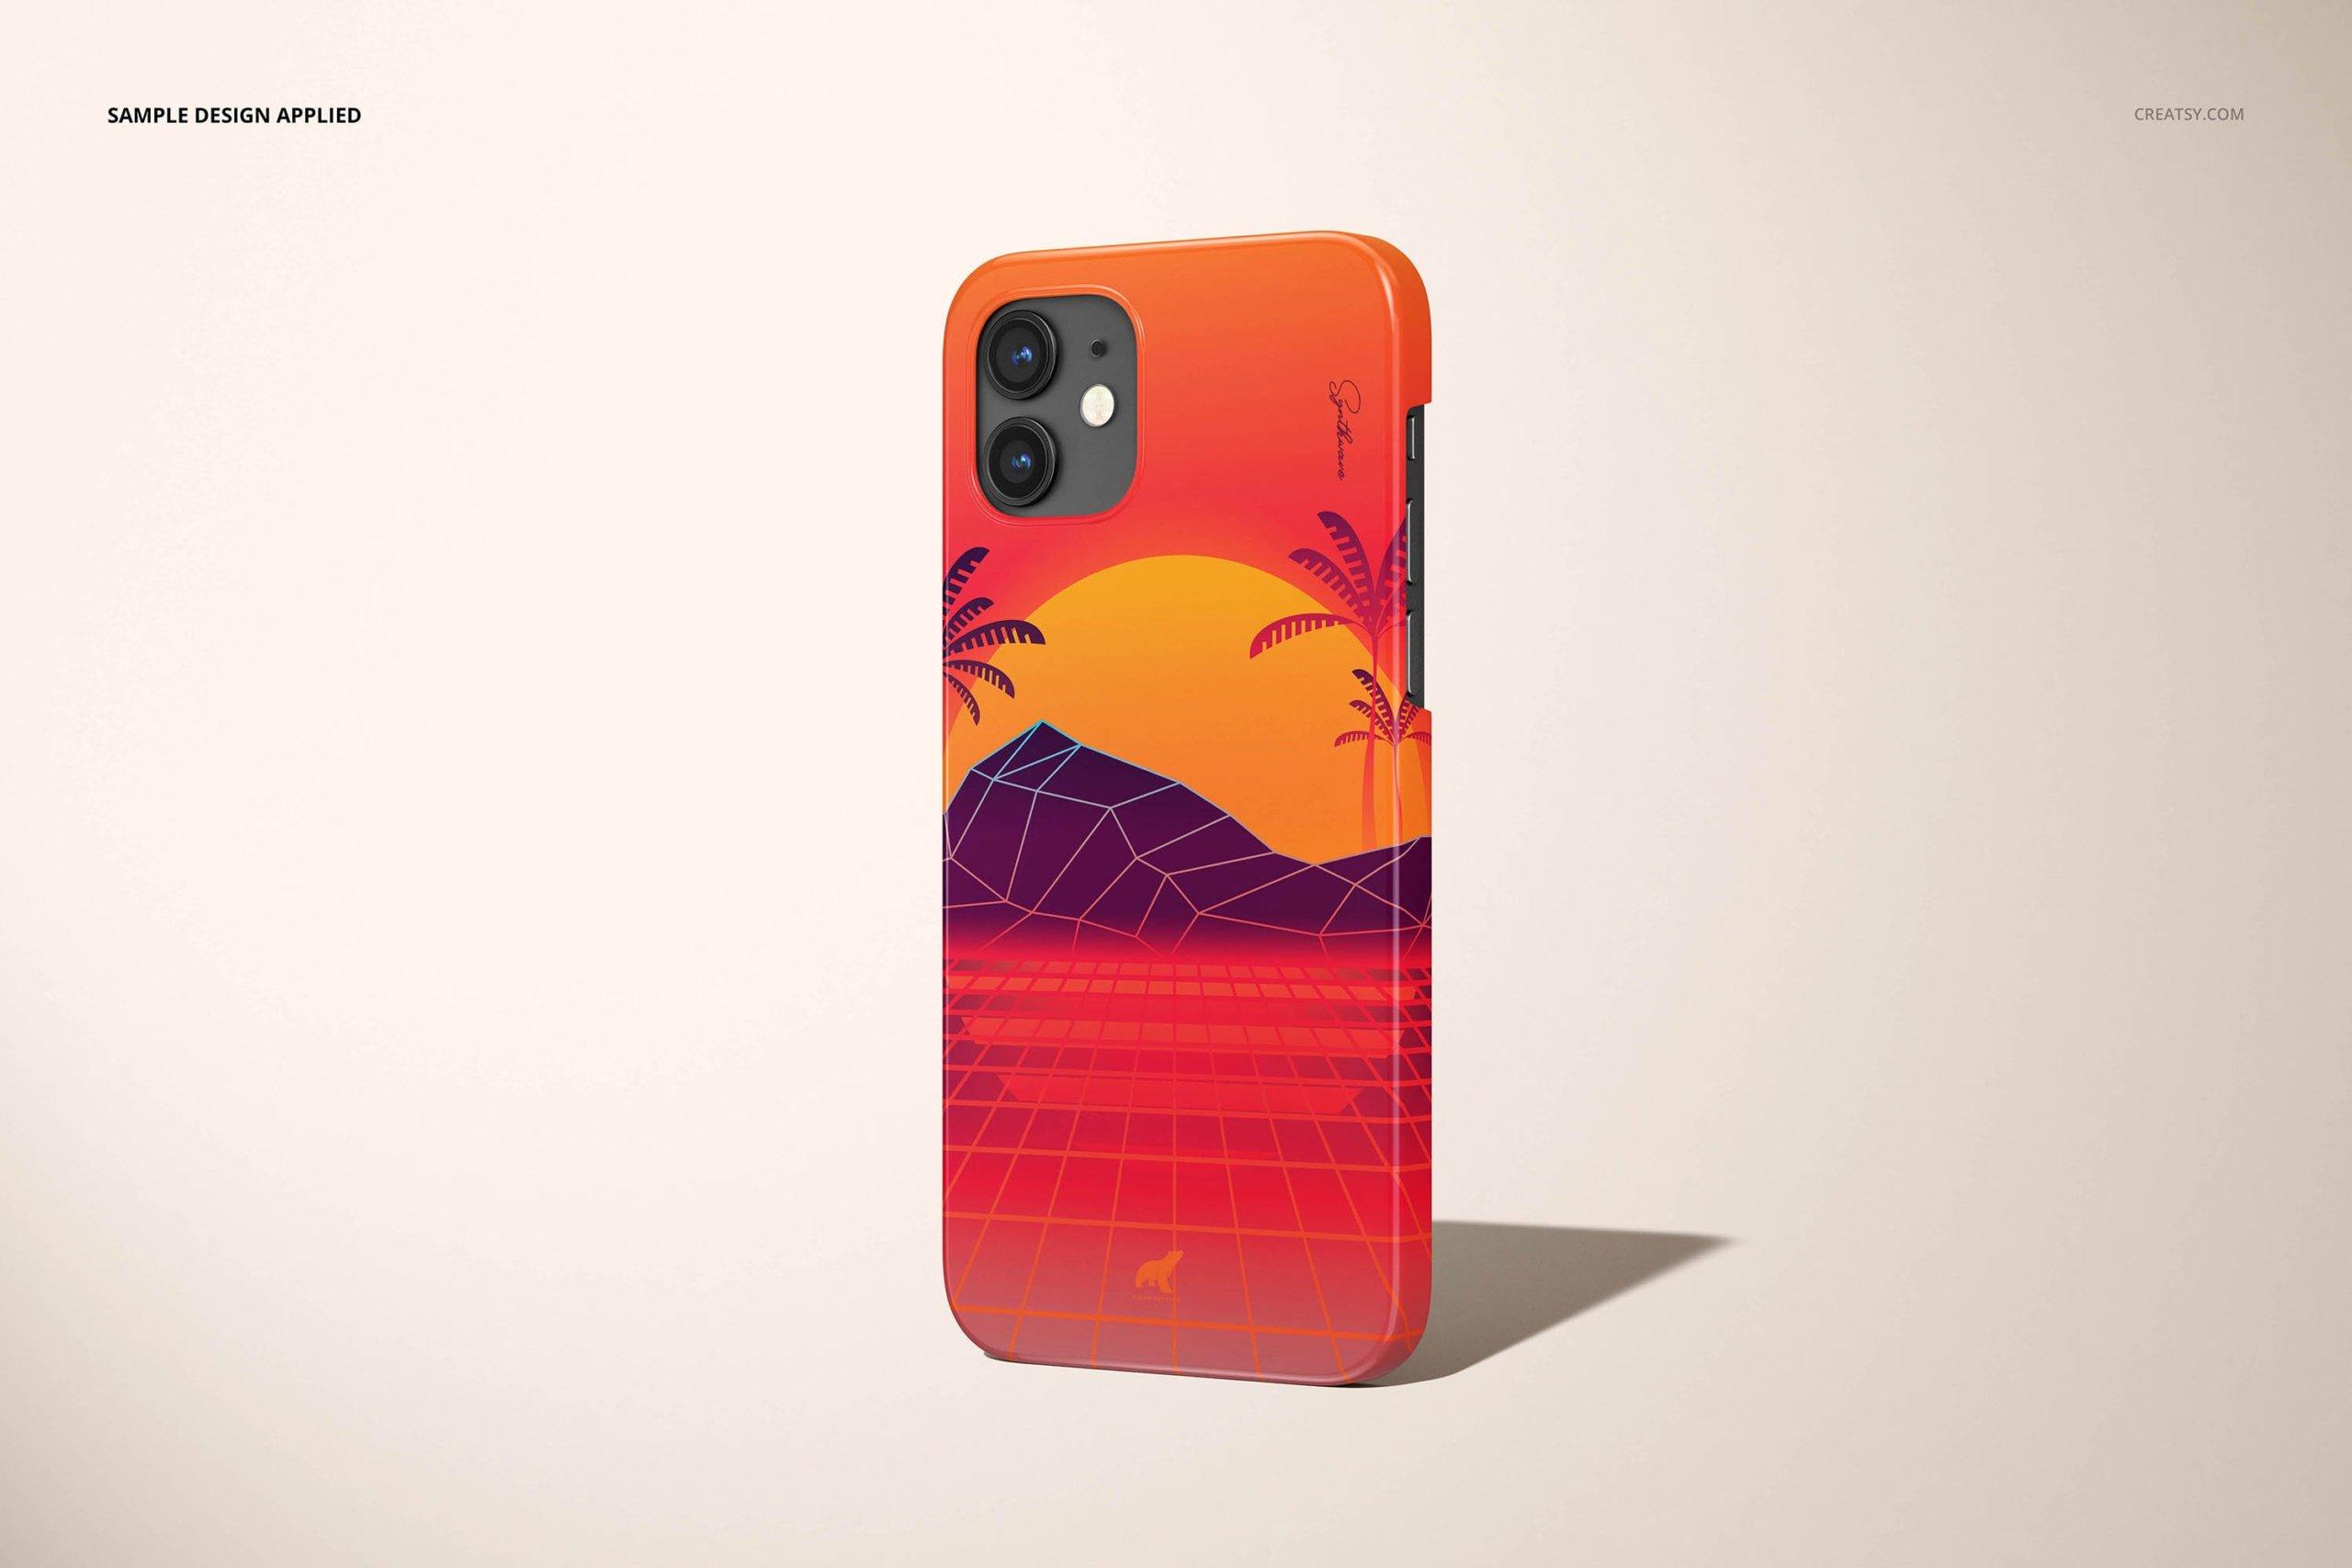 [单独购买] 26款时尚光滑苹果iPhone 12手机保护壳设计PS贴图样机模板素材 iPhone 12 Glossy Snap Case 1 Mockup插图26